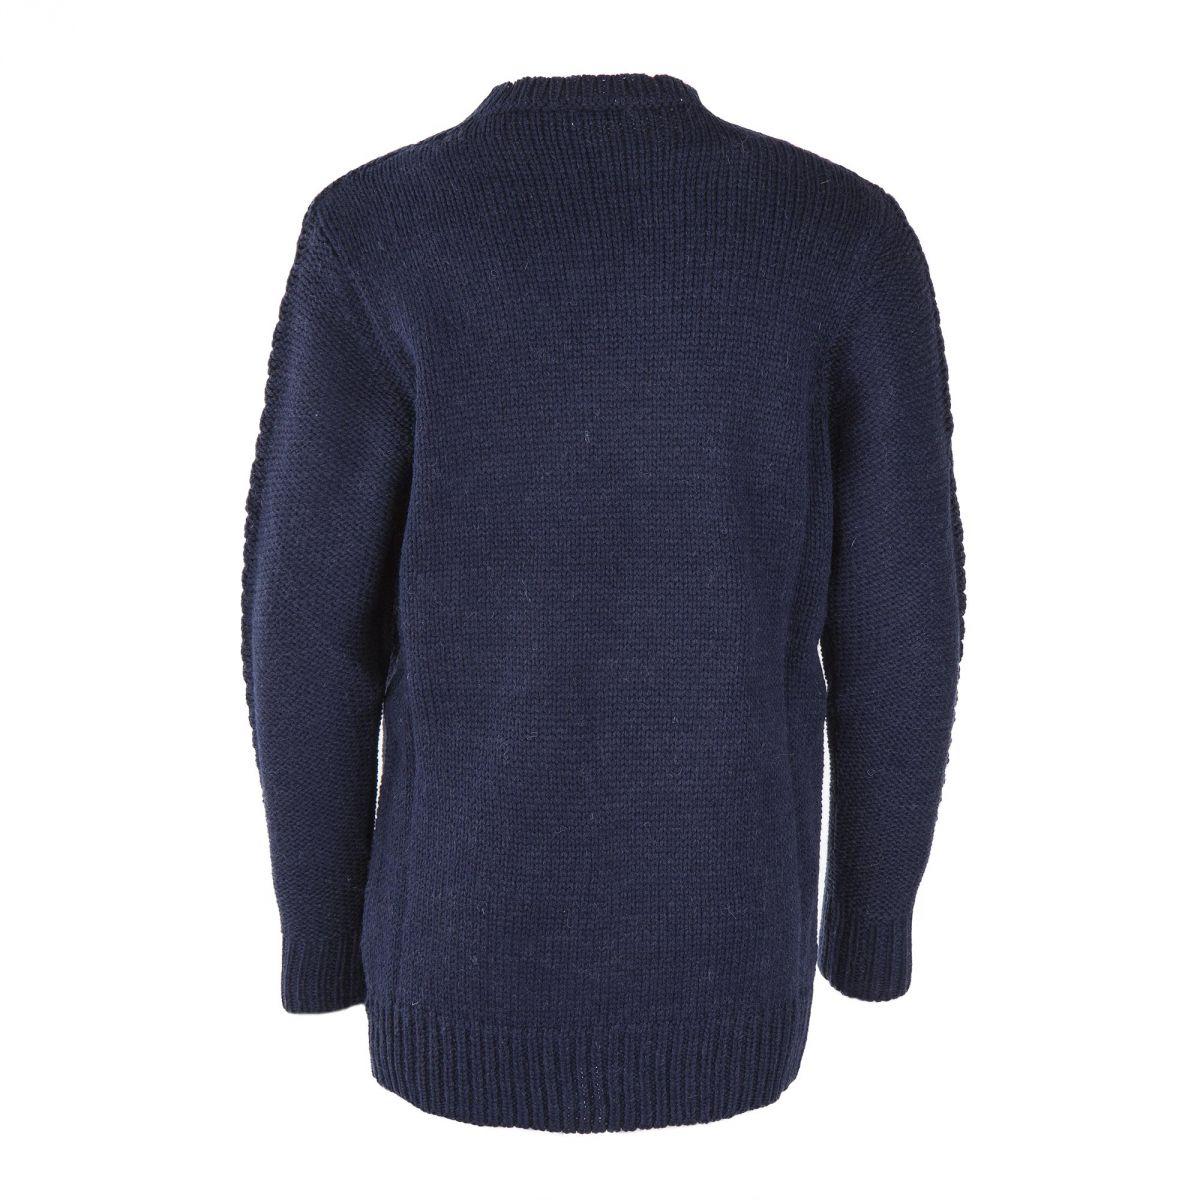 Pull en maille bleu marine gar on best mountain prix for 70 portent un pull bleu